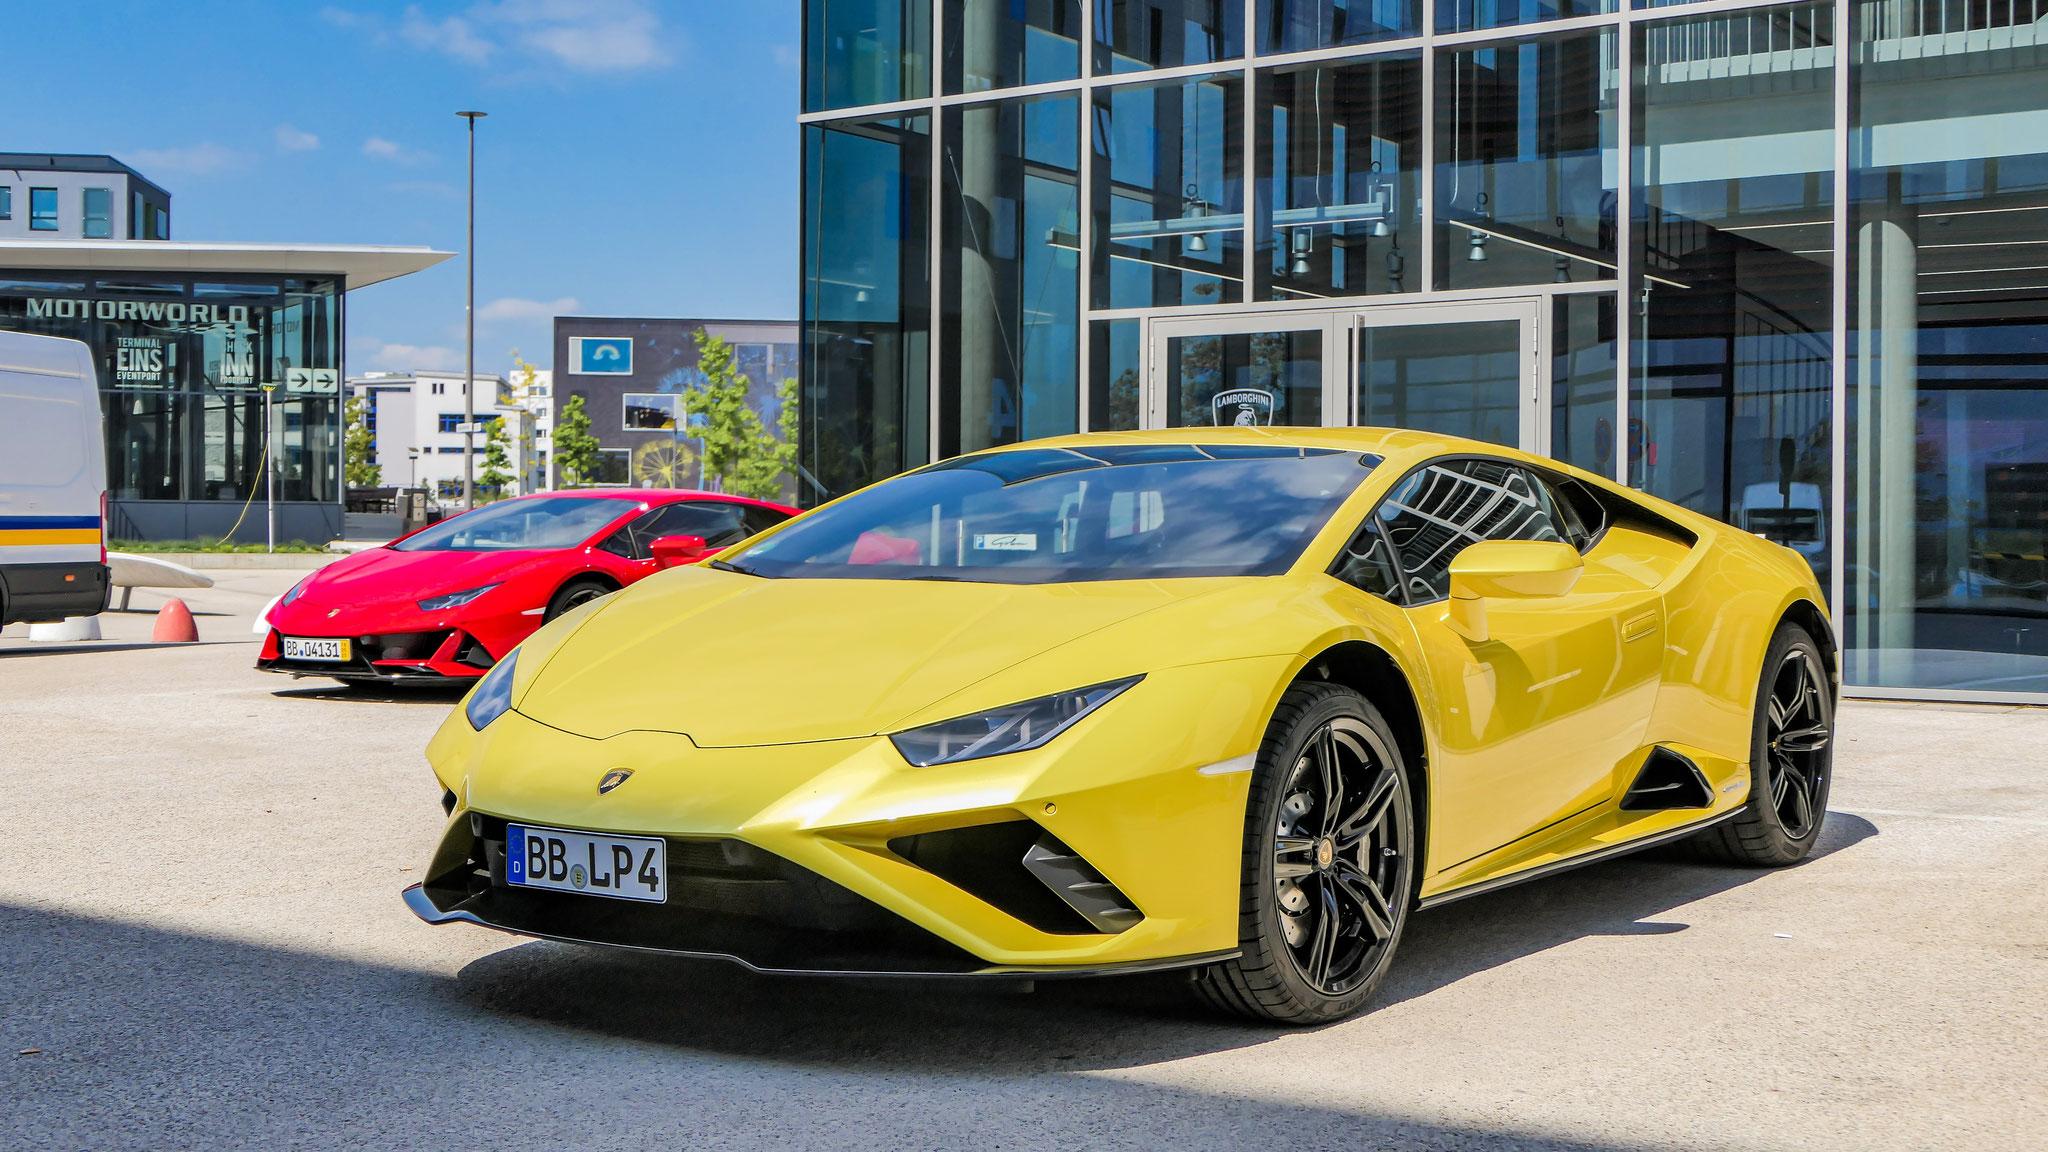 Lamborghini Huracan Evo RWD - BB-LP-4